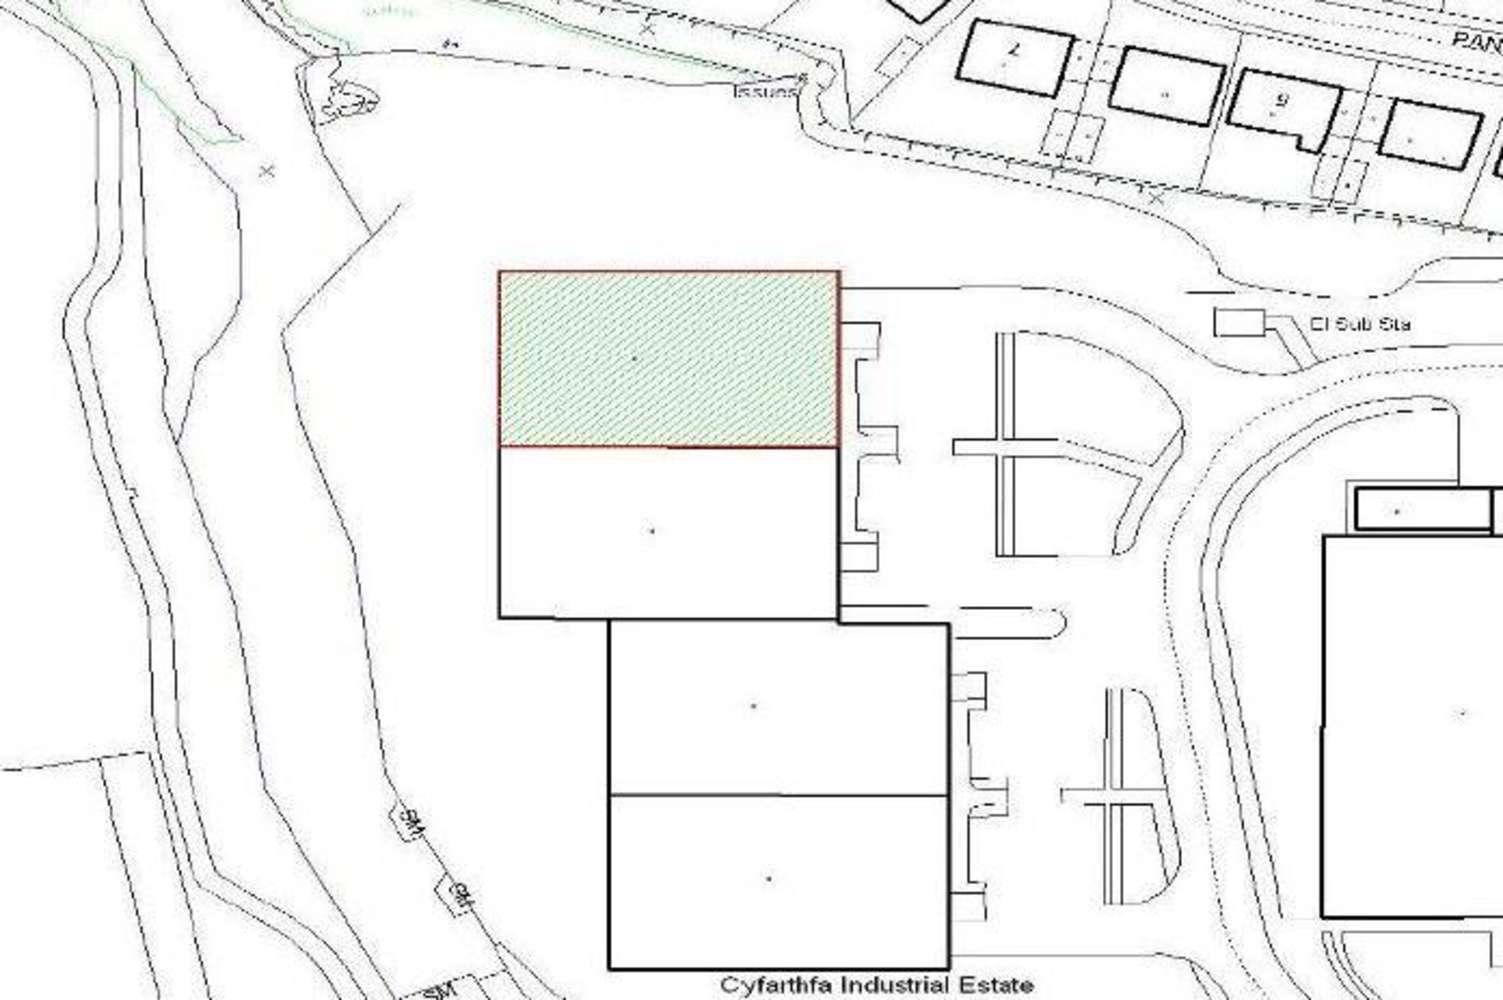 Industrial Merthyr tydfil, CF47 8PE - Unit 10-12, Cyfarthfa Industrial Estate - 12